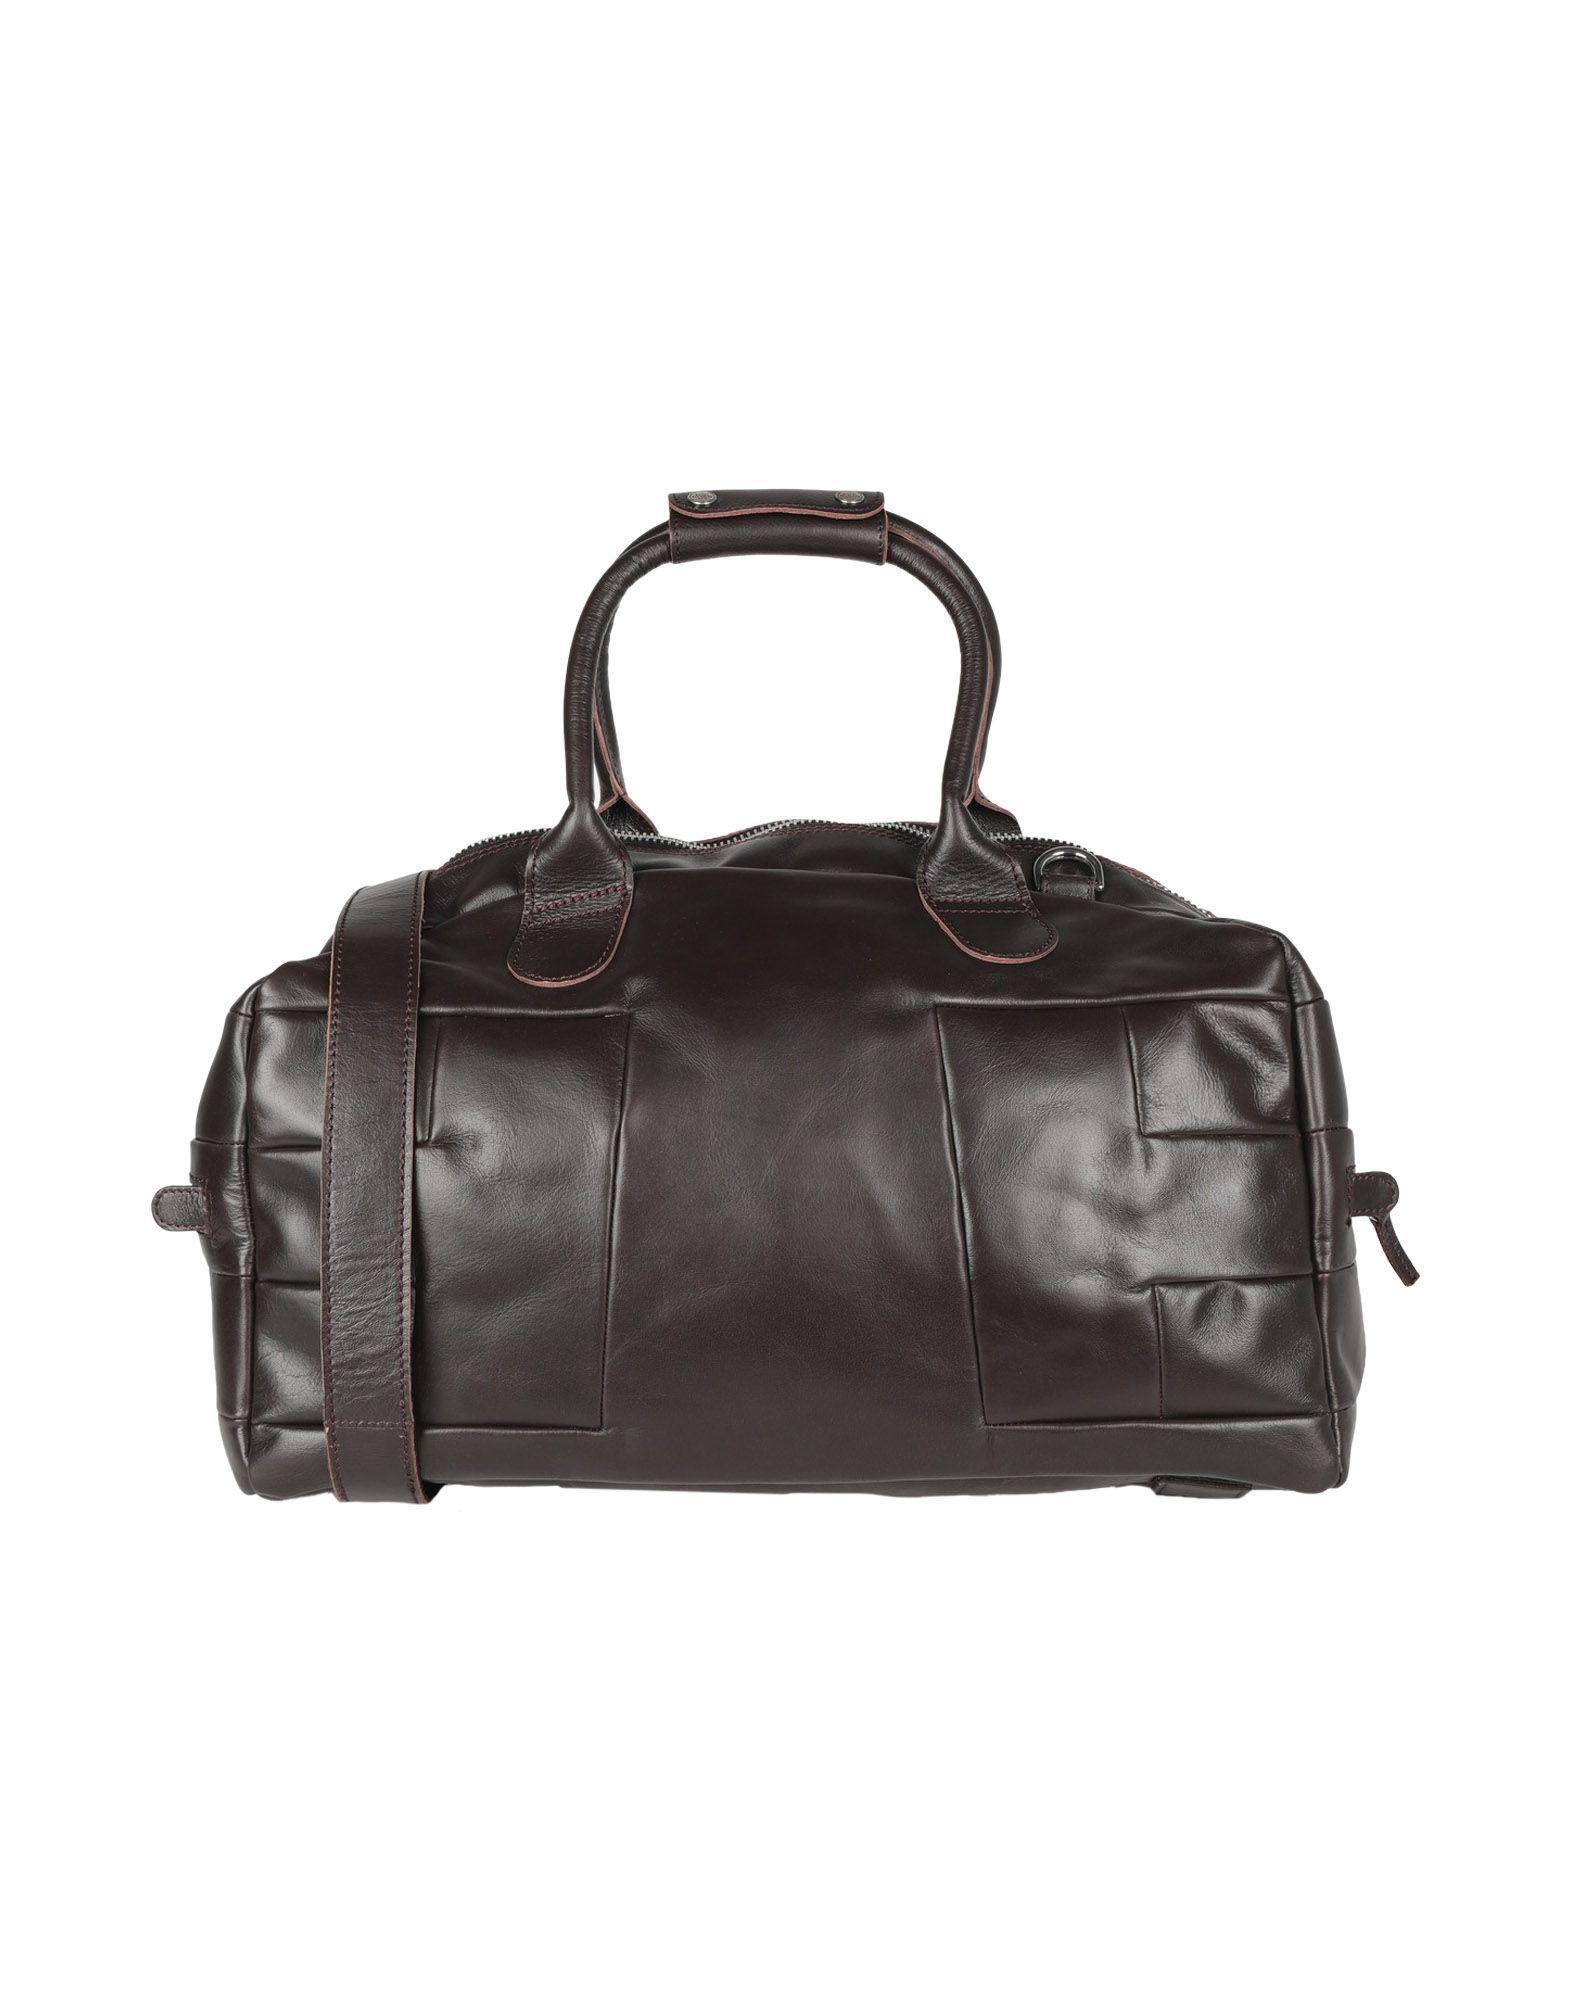 abddf4a9930a7 Lyst - Sac de voyage Royal Republiq pour homme en coloris Noir